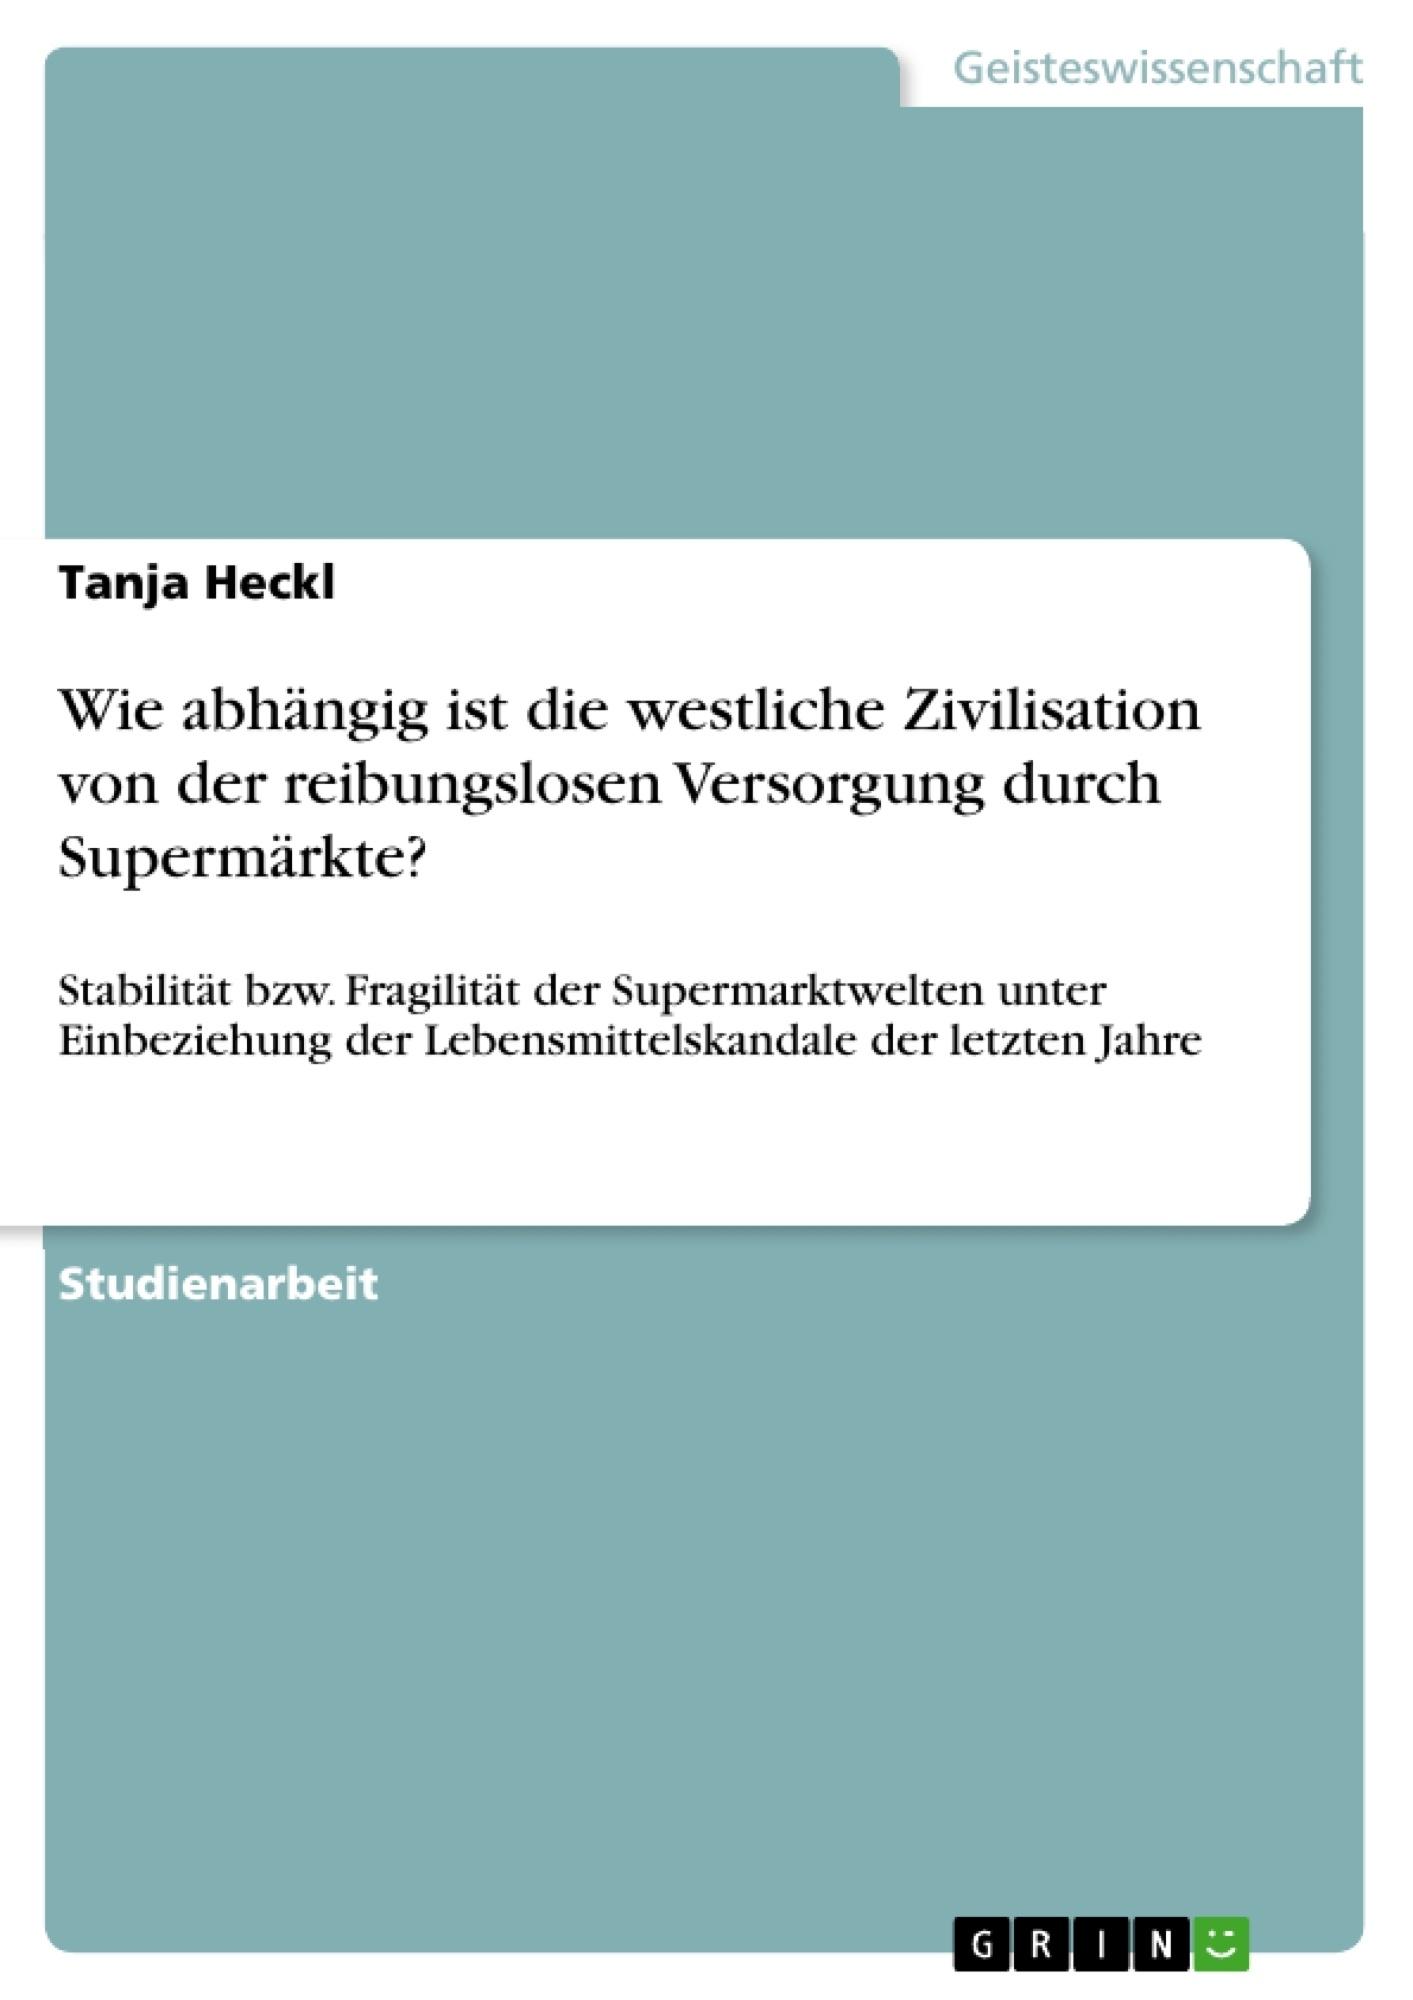 Titel: Wie abhängig ist die westliche Zivilisation von der reibungslosen Versorgung durch Supermärkte?